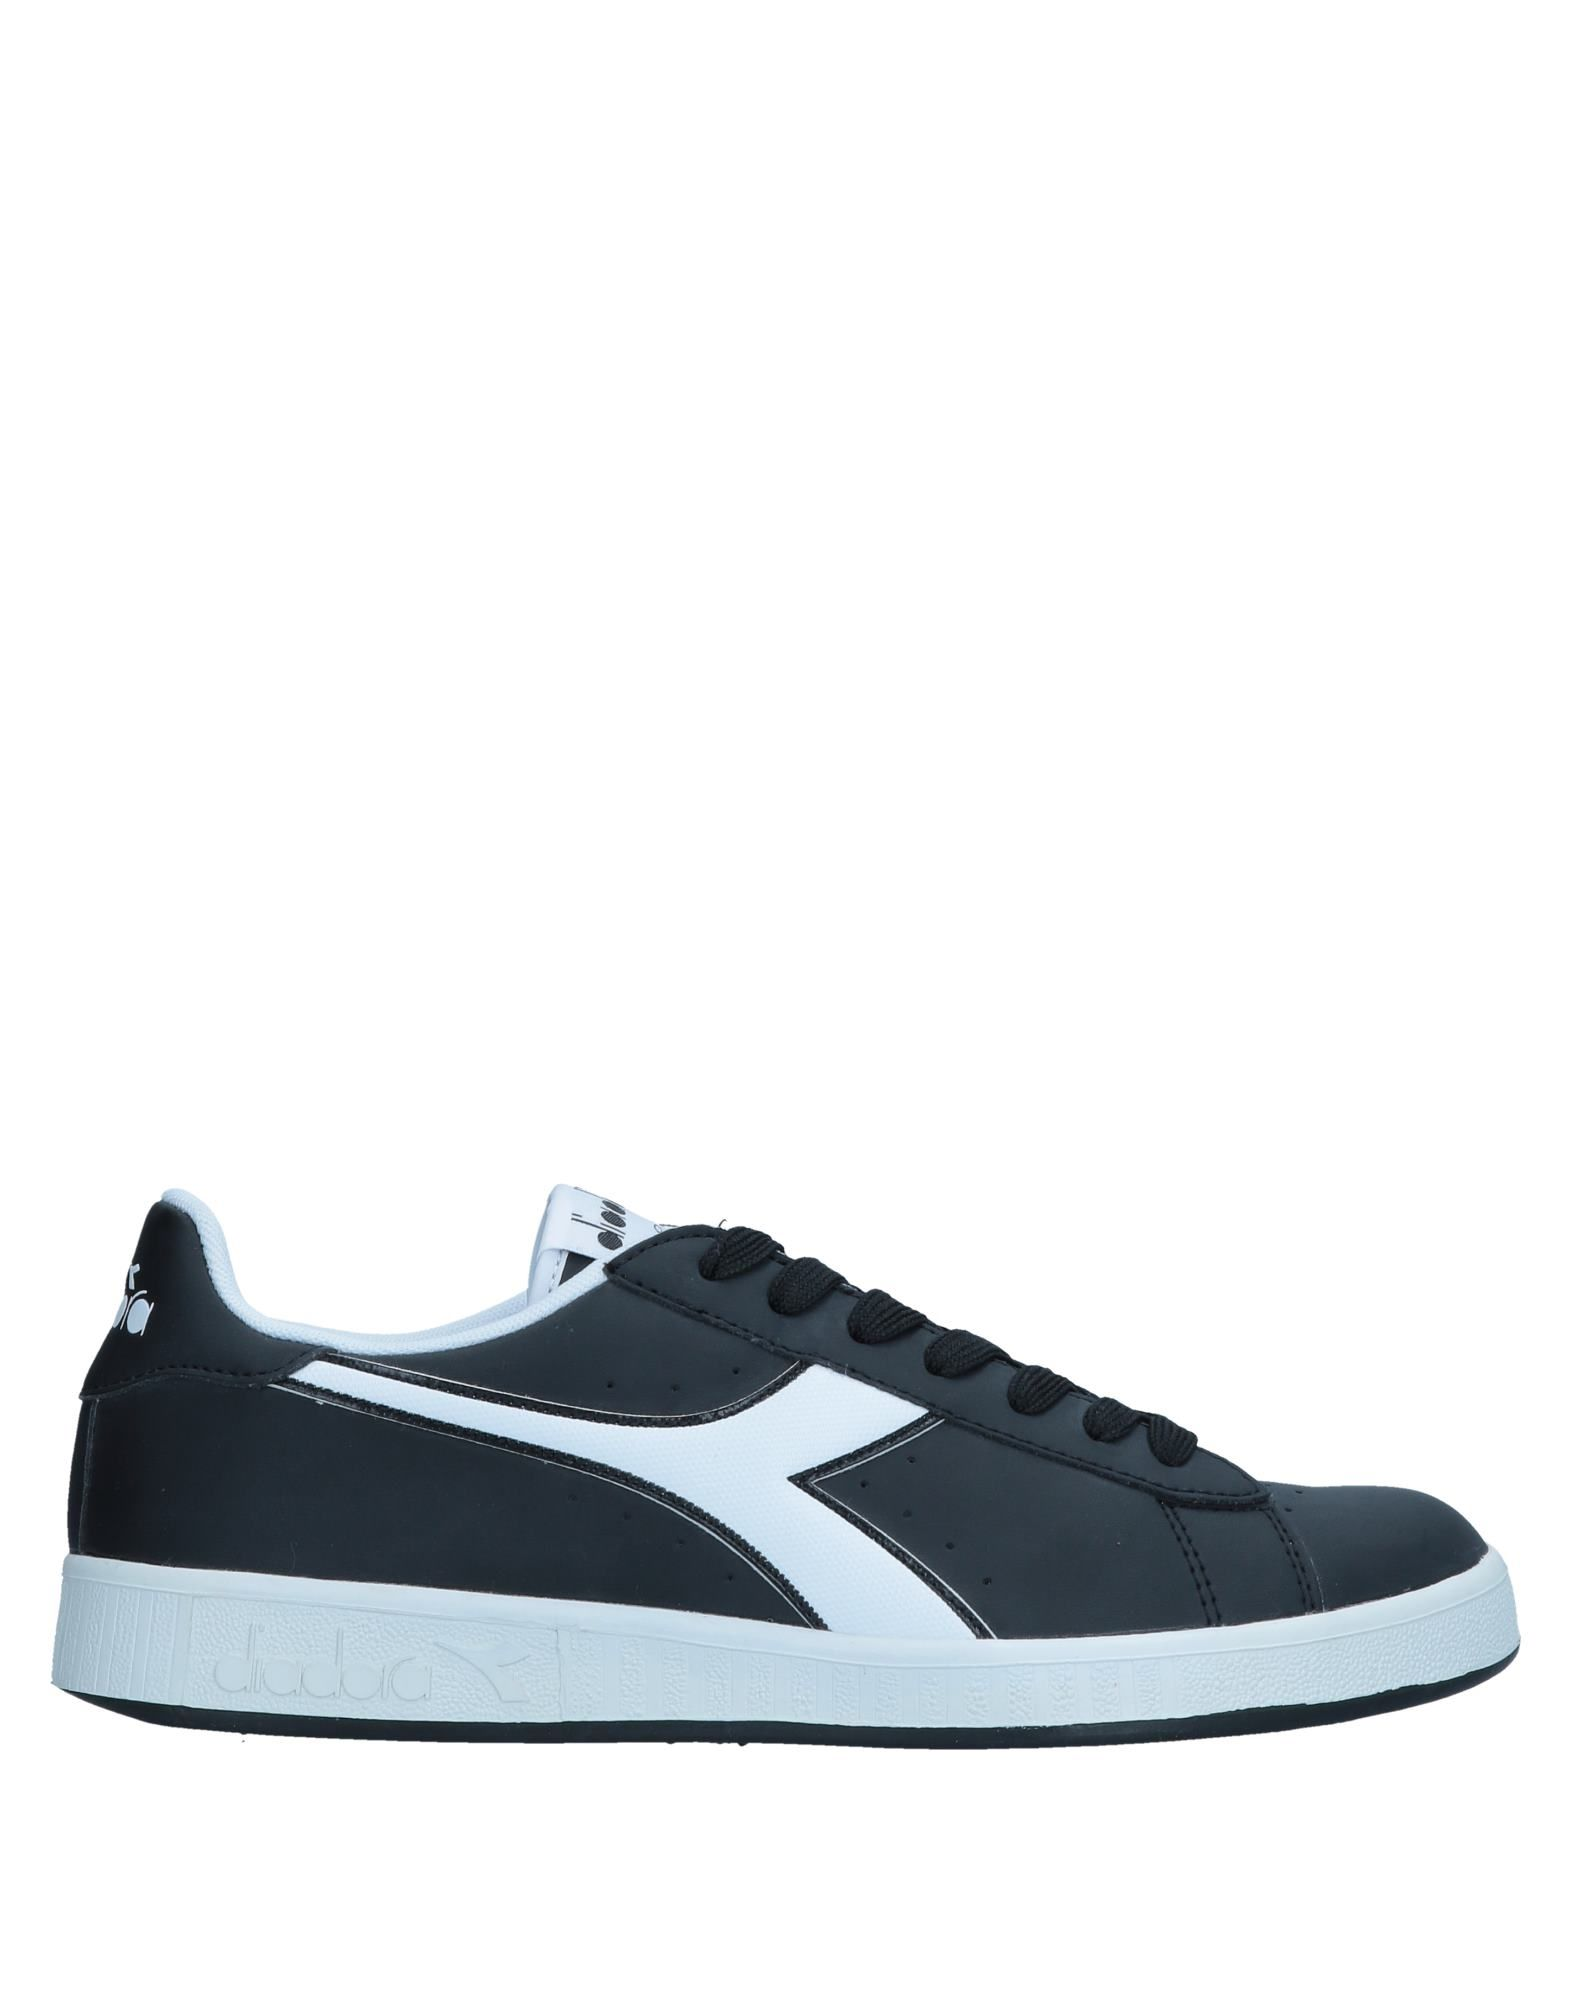 Scarpe economiche e resistenti Sneakers Diadora Uomo - 11545522UJ